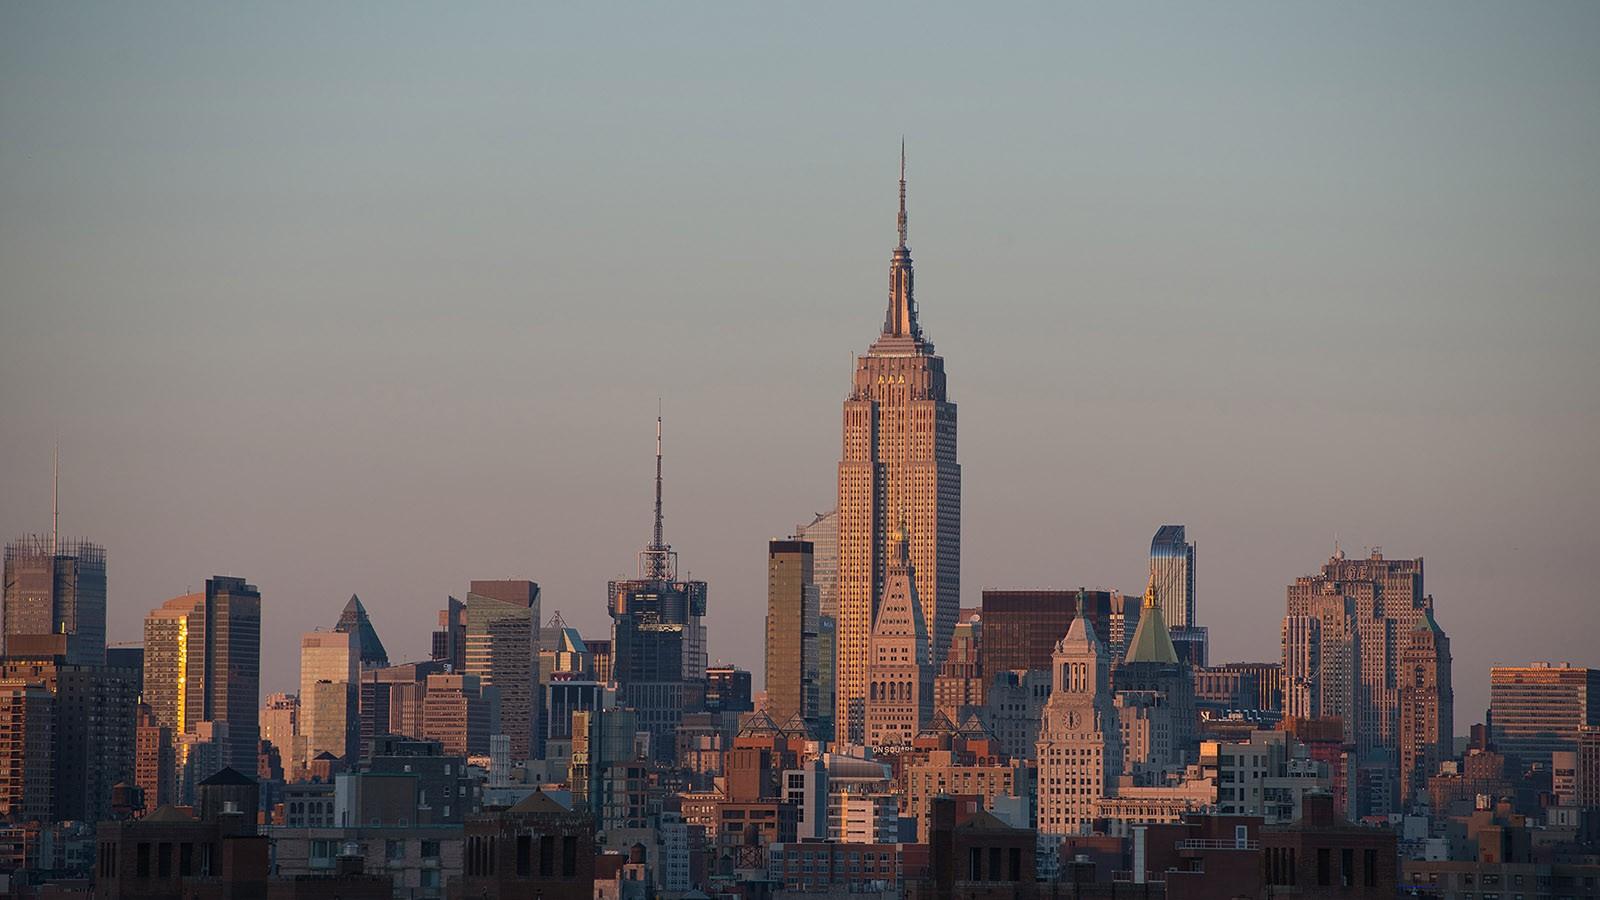 The NYC skyline complete with hazy sky by Dima Sytnik